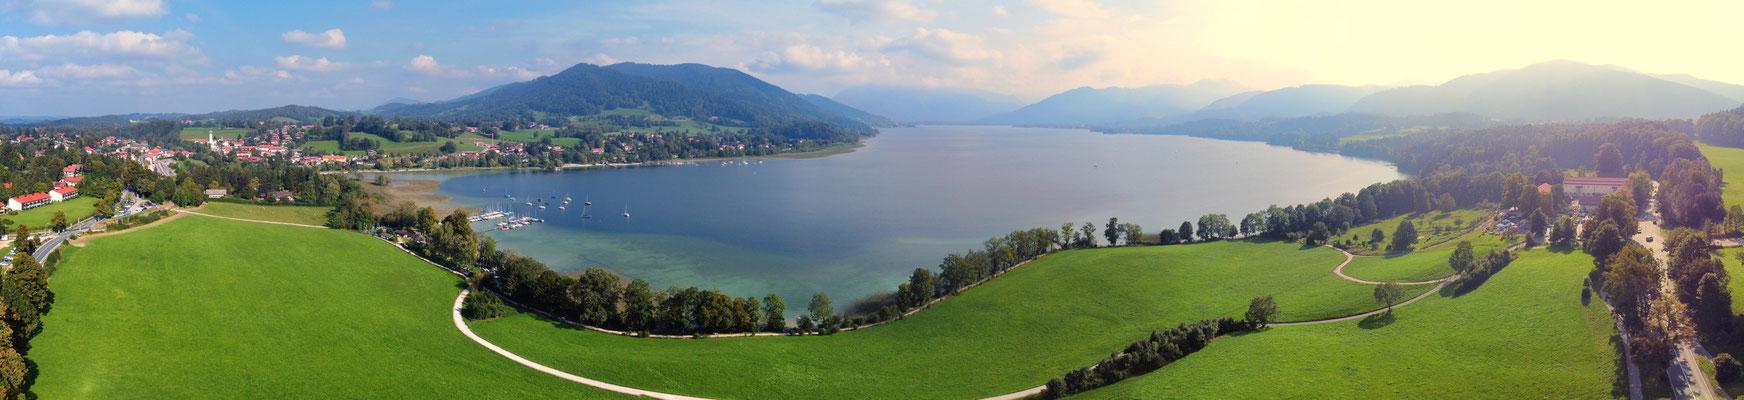 Panorama, Drohnenfoto, Tegernsee, Sommer, Alpen im Hintergrund